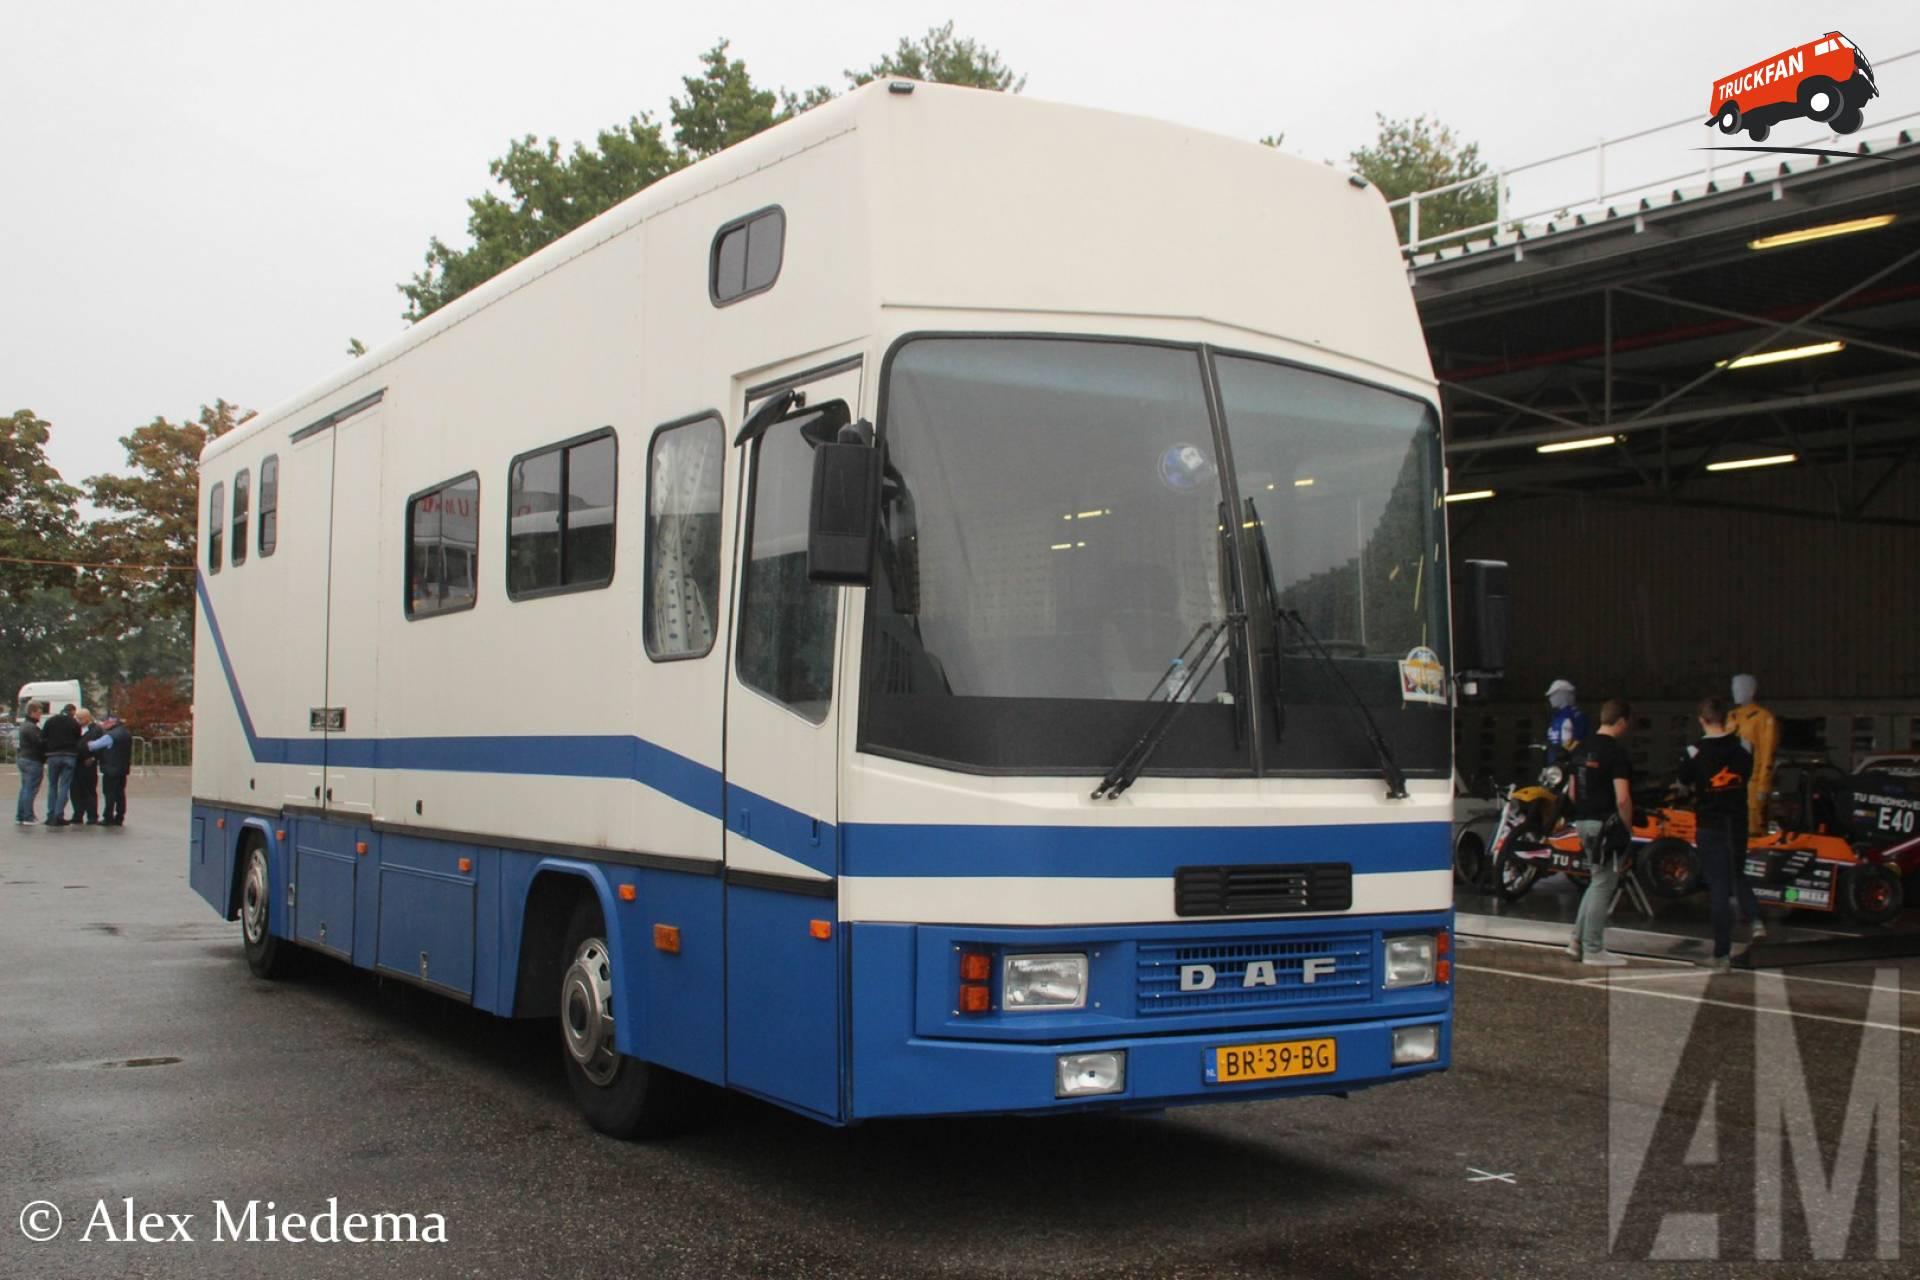 DAF MB200